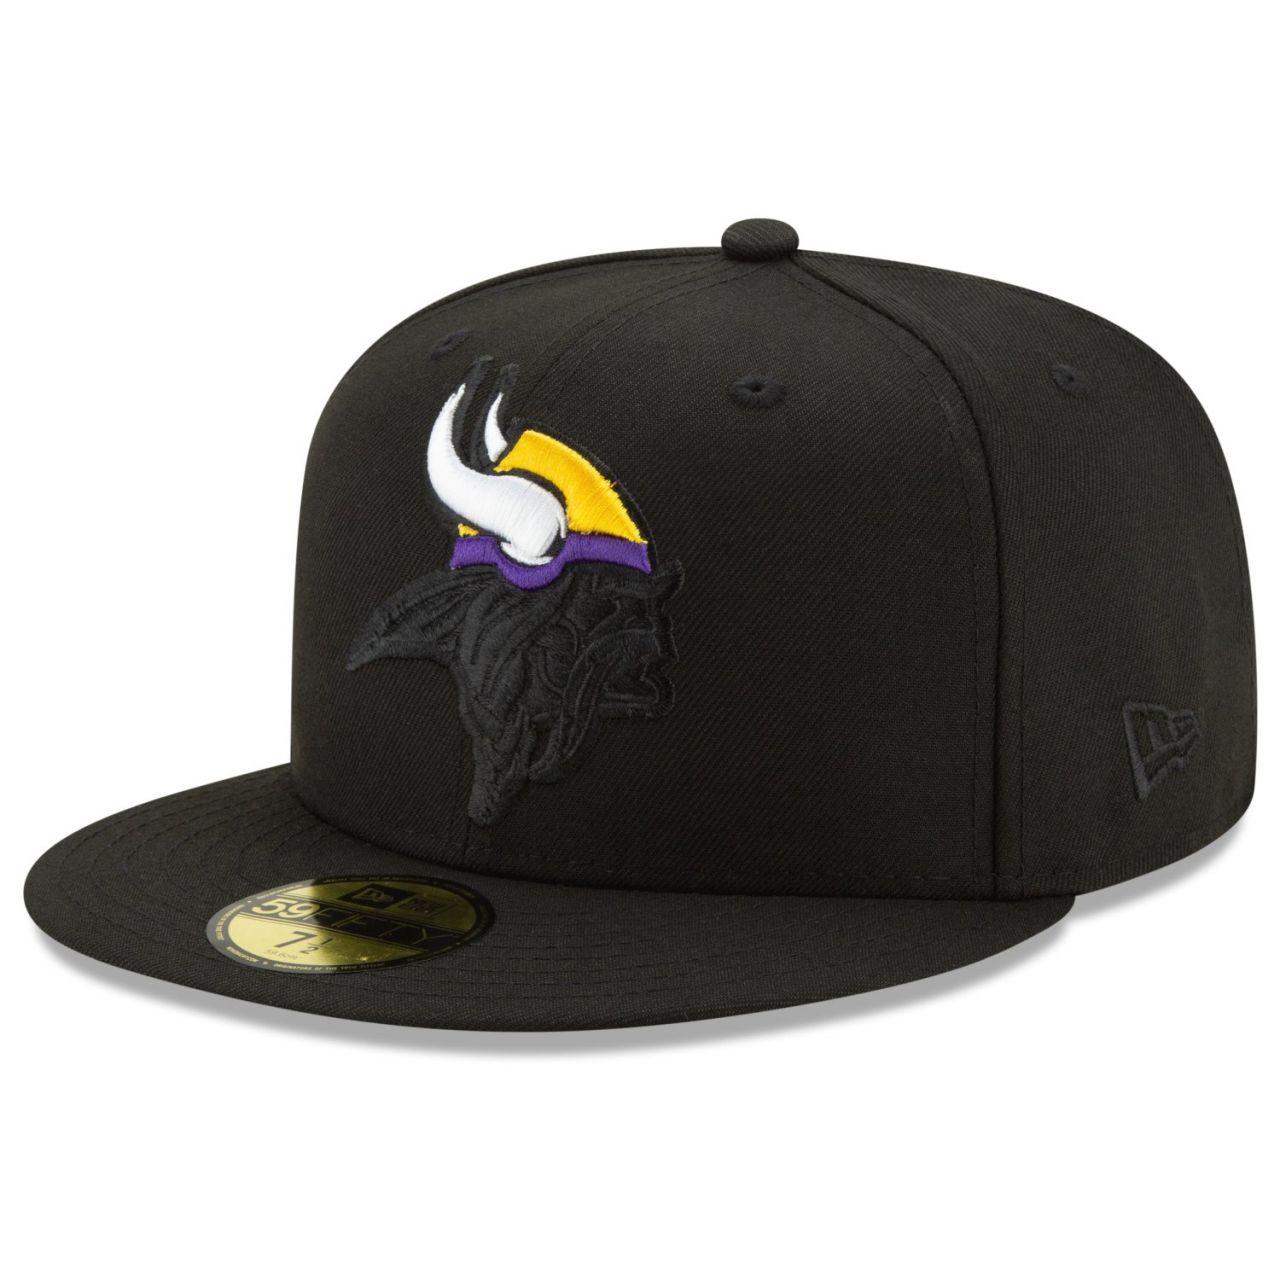 amfoo - New Era 59Fifty Fitted Cap - ELEMENTS Minnesota Vikings